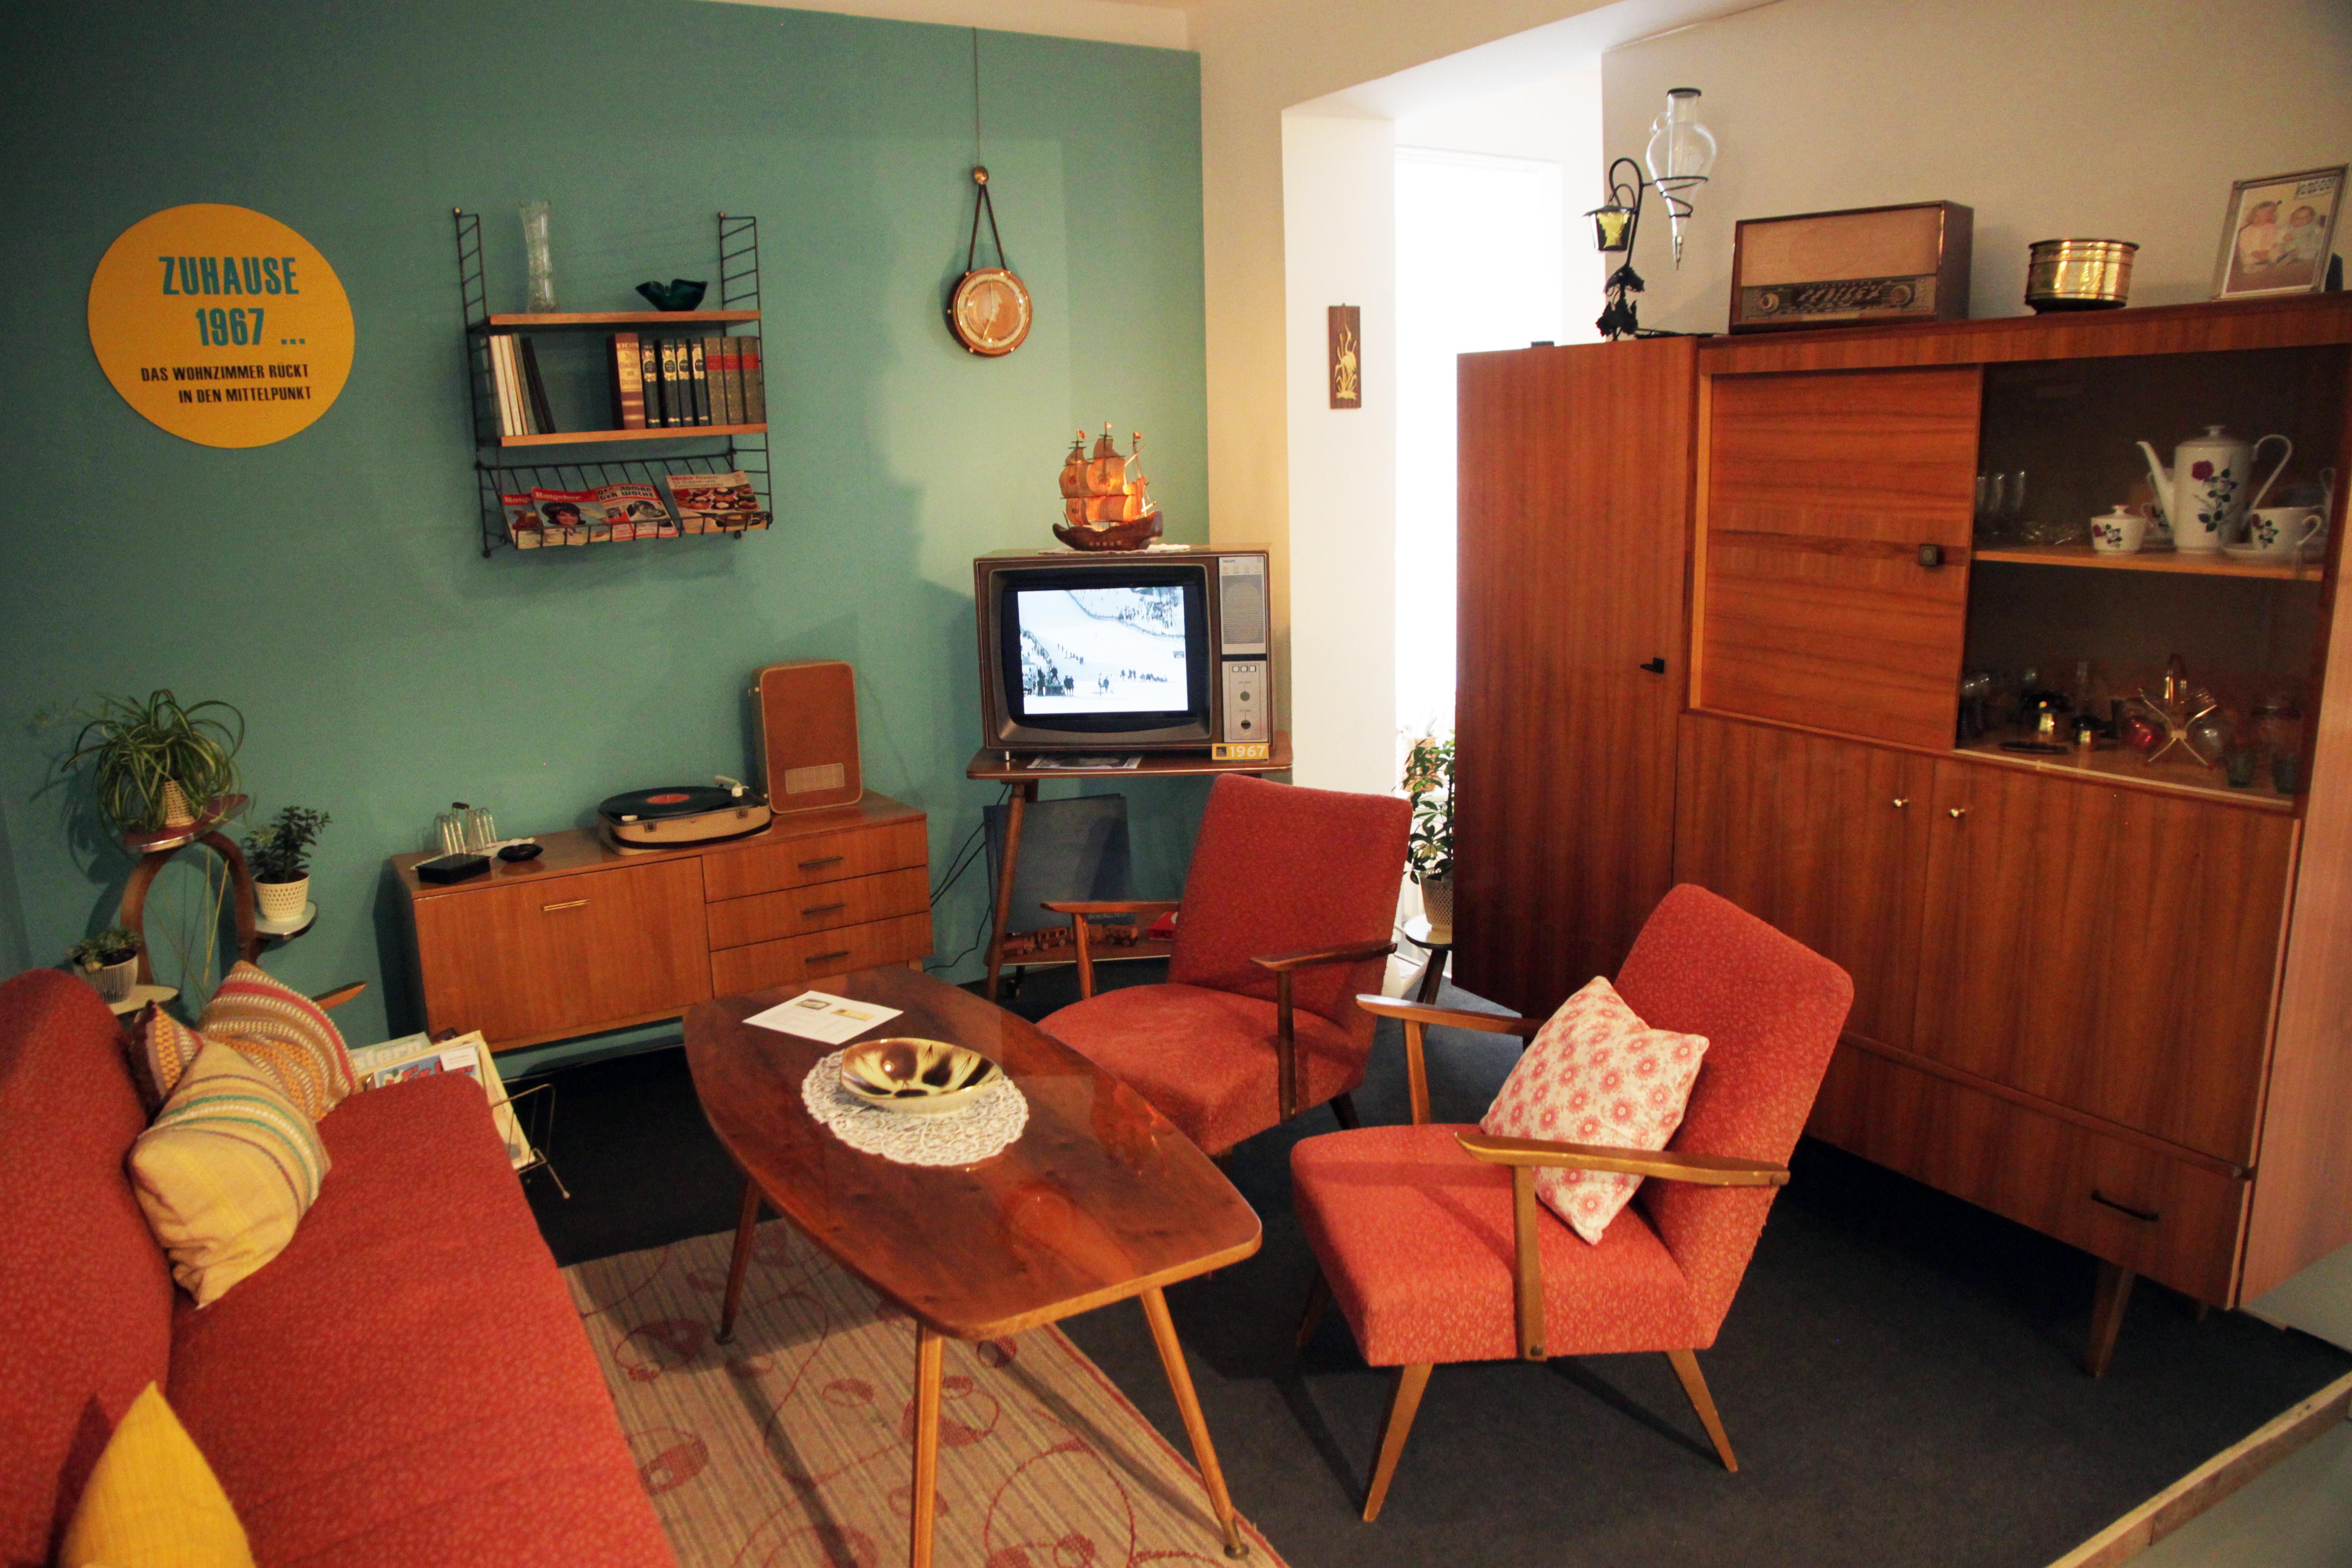 1967 Wohnzimmer der 60er Jahre (c) Alois Fuchs